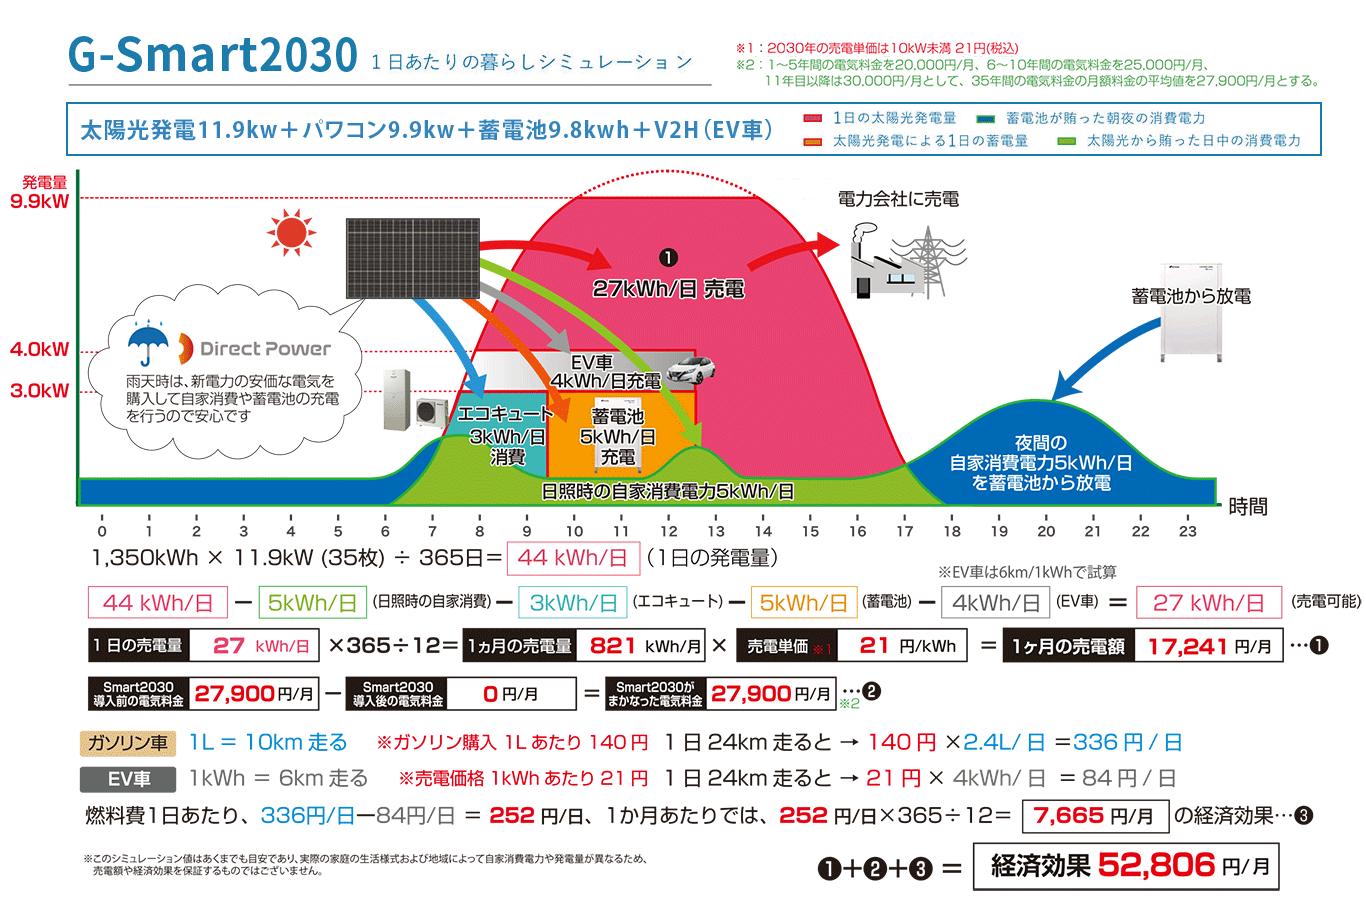 G-Smart2030のエネルギーシミュレーション